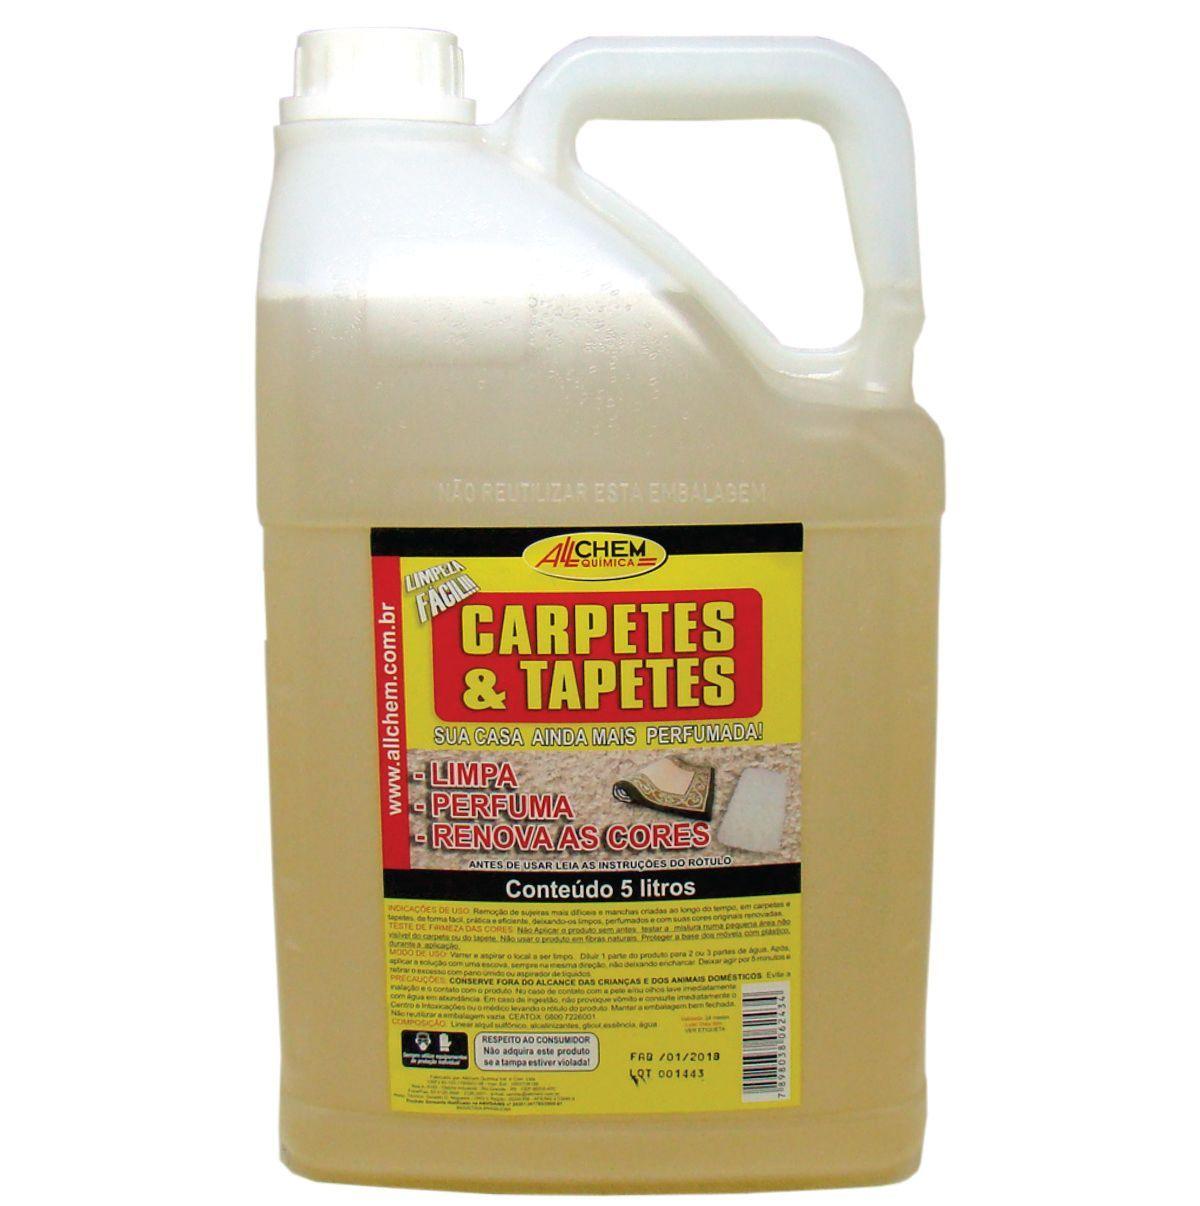 Limpa Carpetes e Tapetes 2x5 Litros